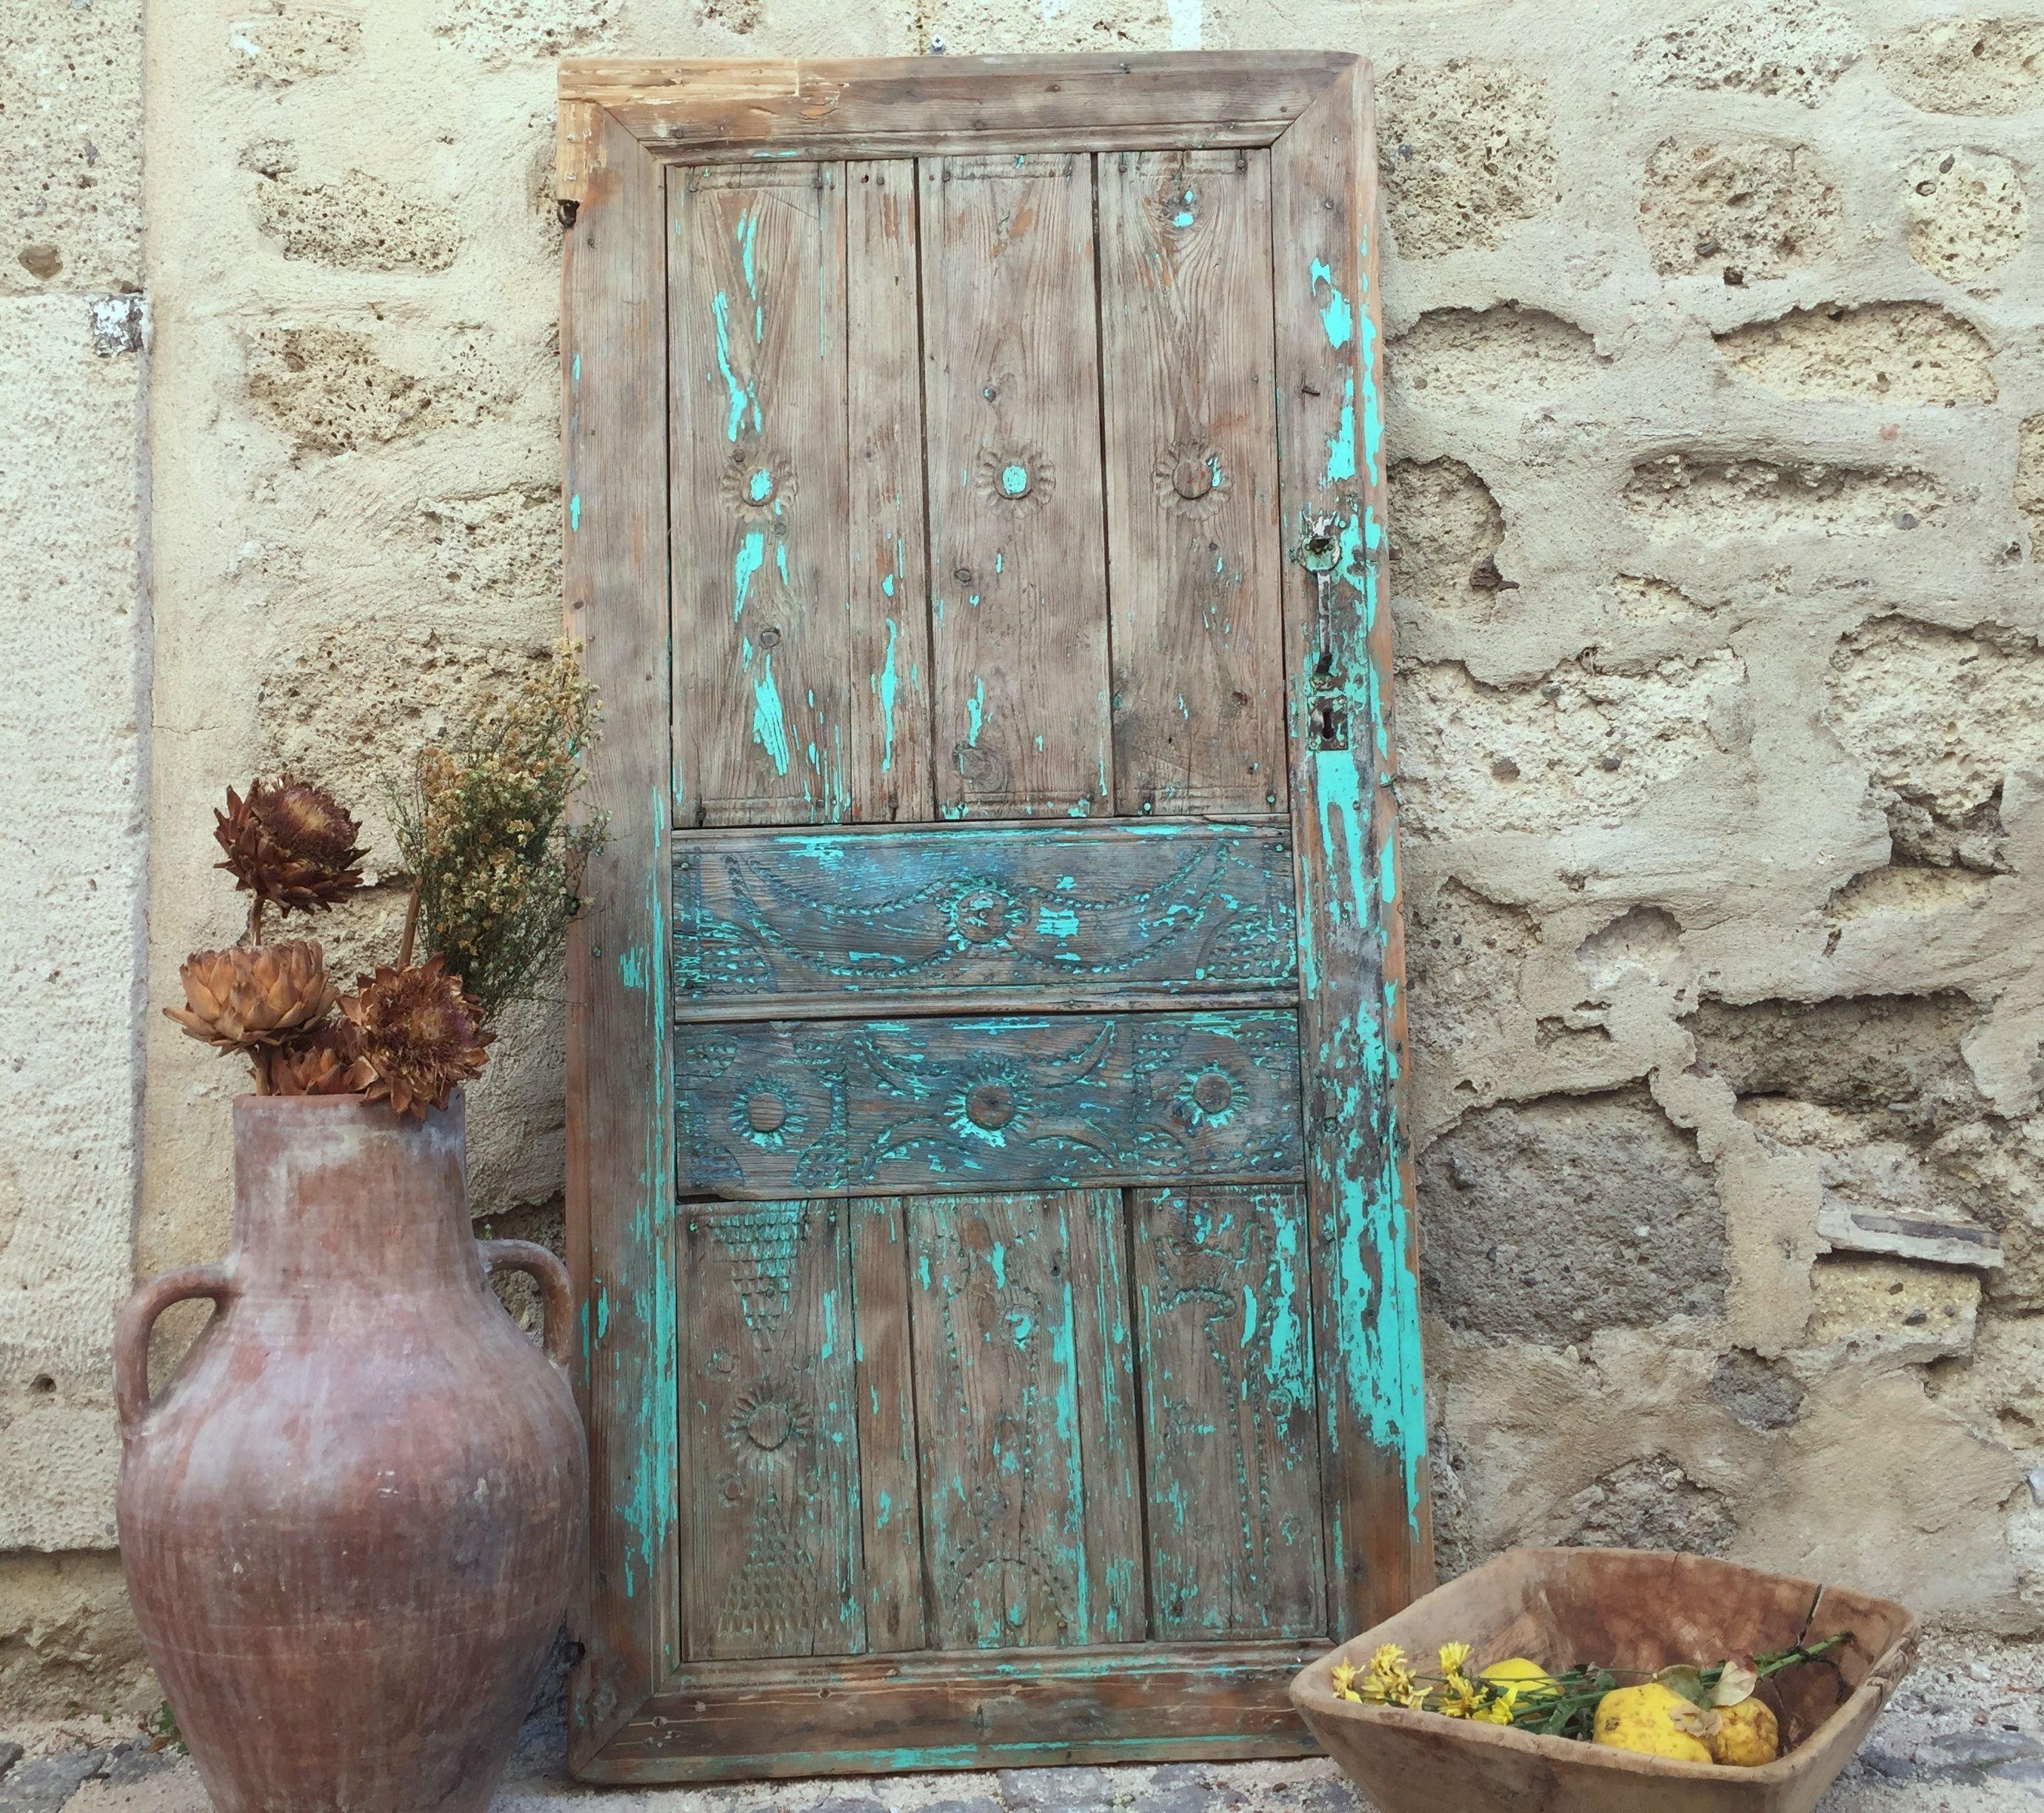 Rustic Door Wedding Ideas: Decorative Rustic Old Wood Door,Antique Vintage Door (con